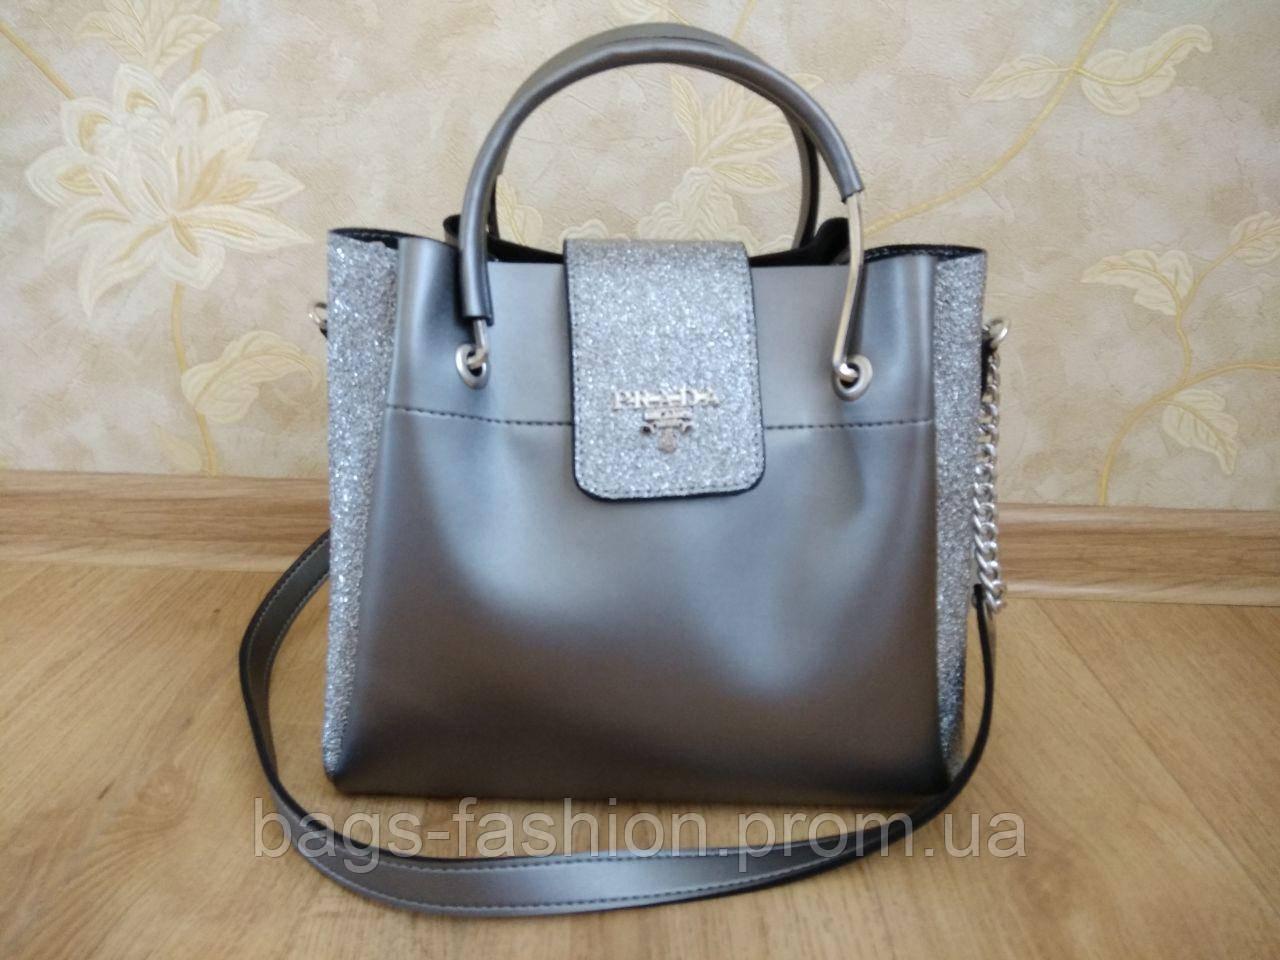 7b41c1ccce26 Женская сумка-шоппер Prada (реплика), цена 750 грн., купить в ...